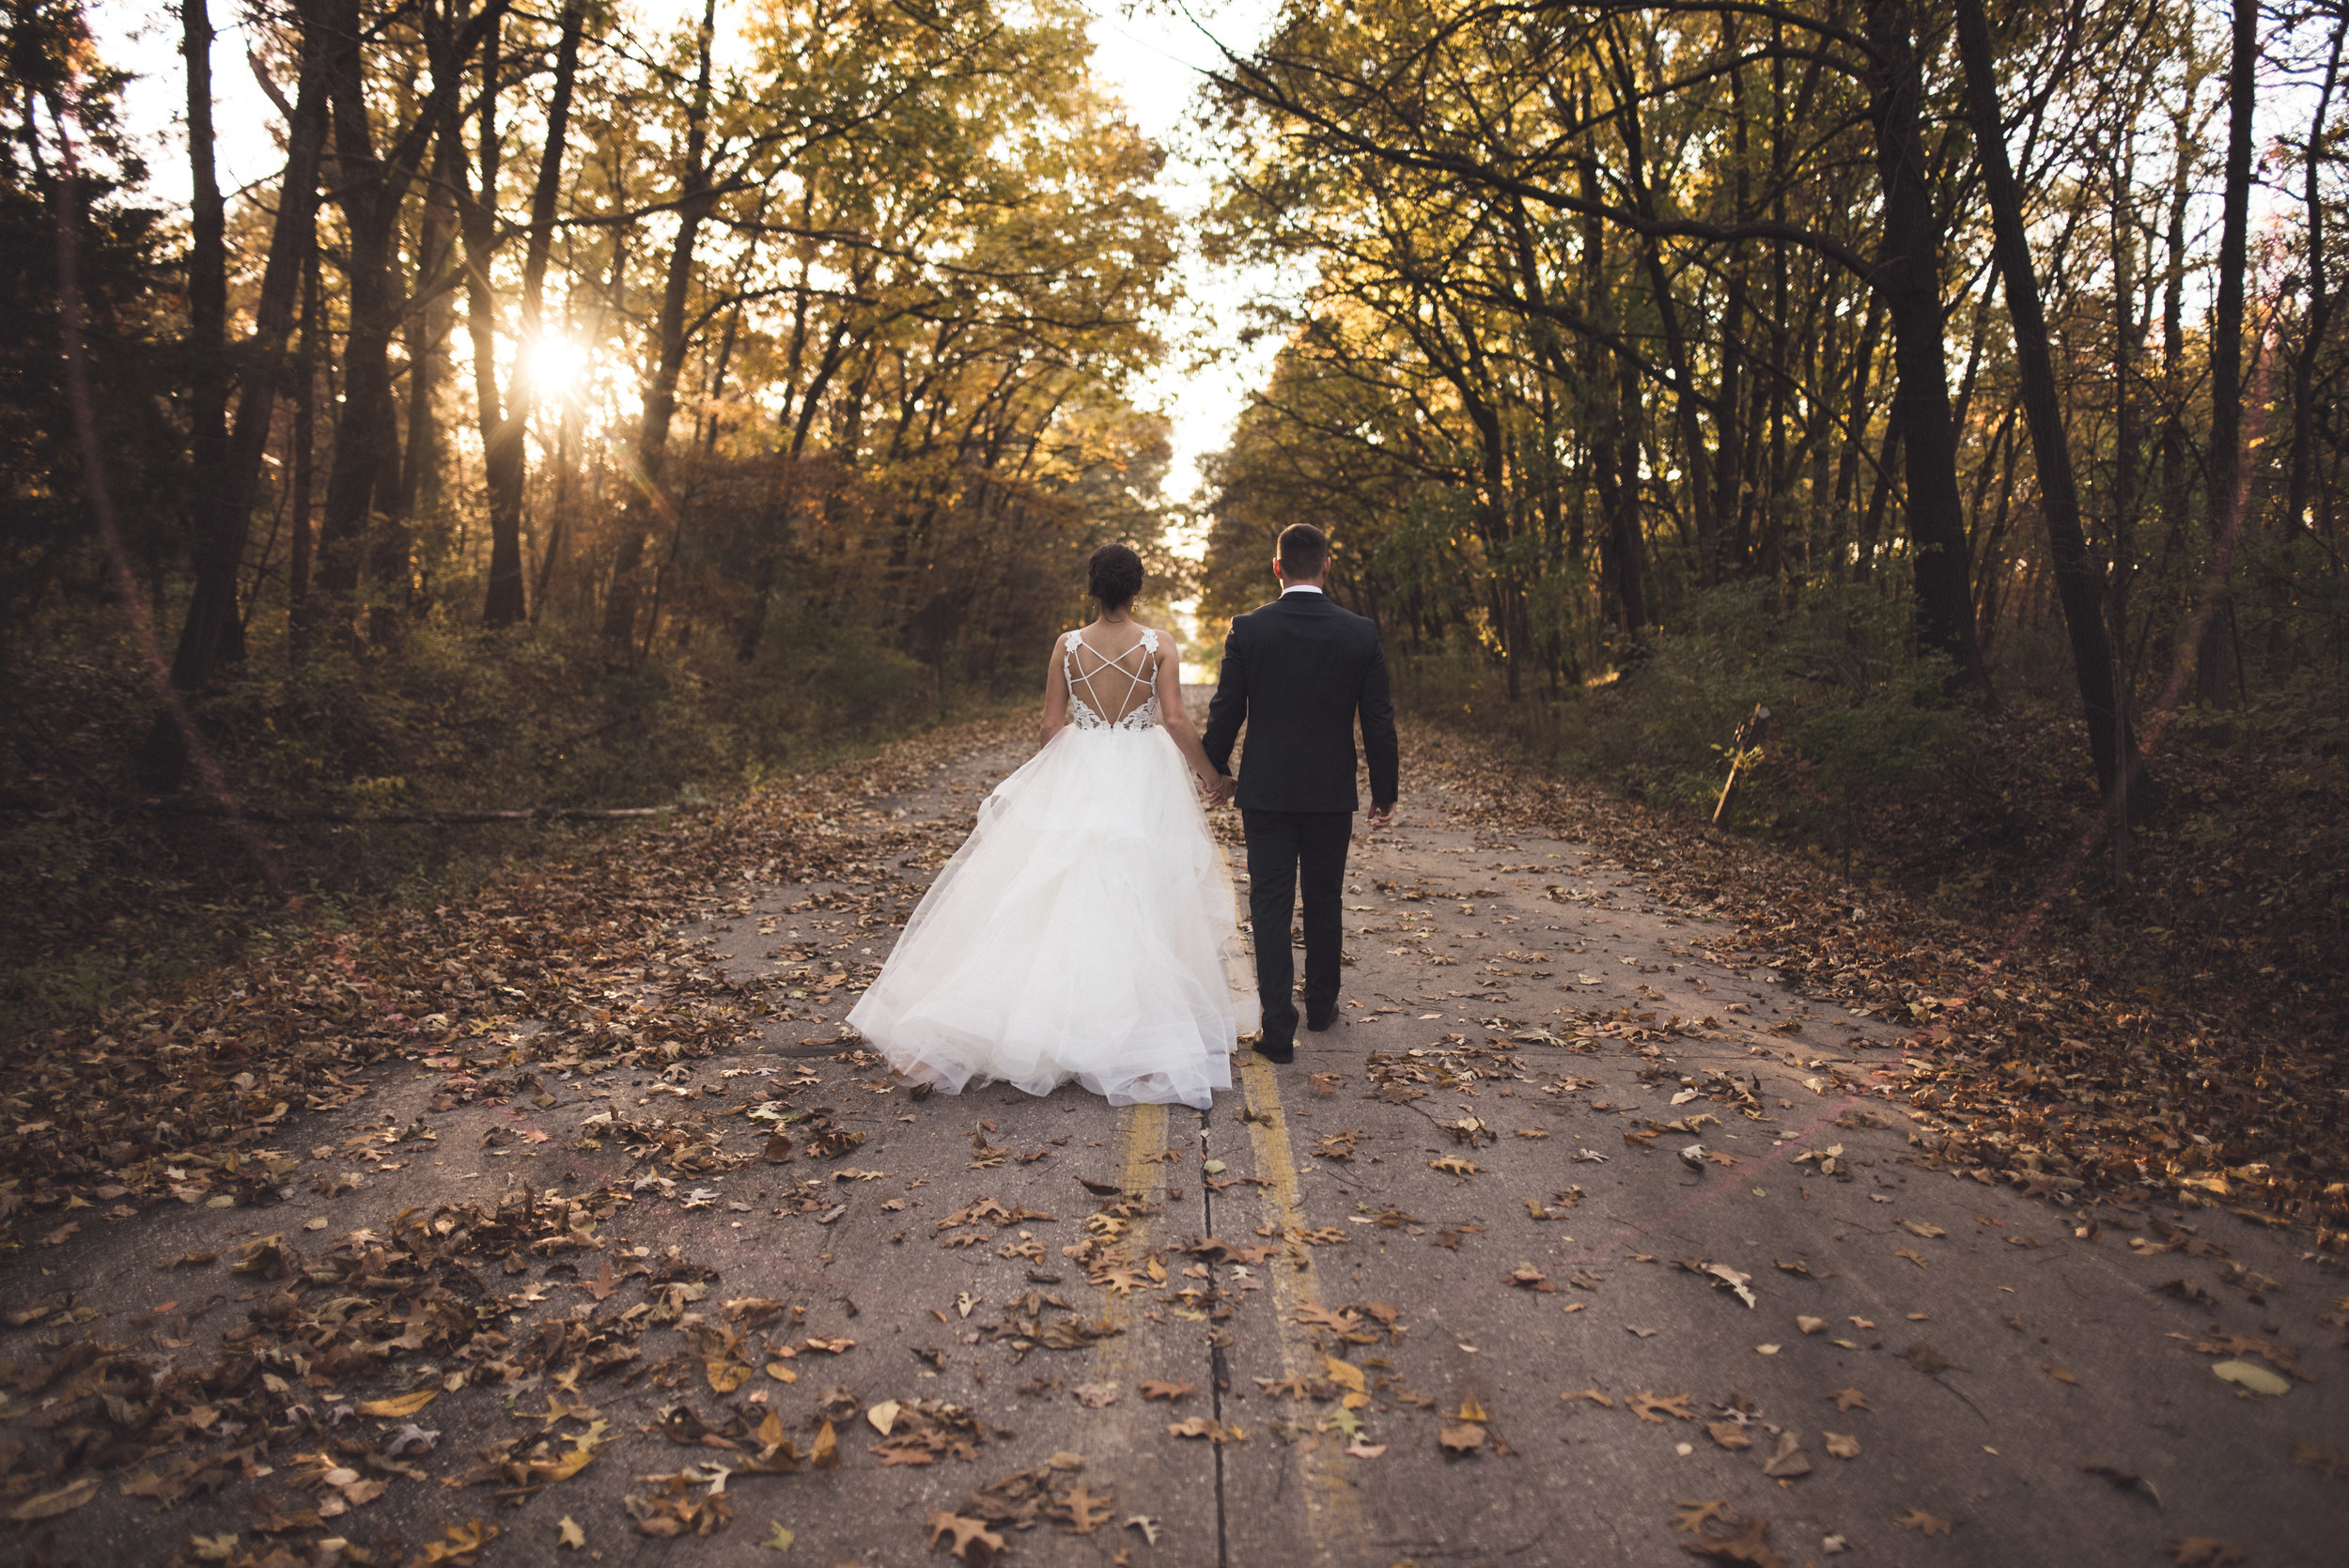 2star_des-moines-wedding-sadie-derek-59.jpg